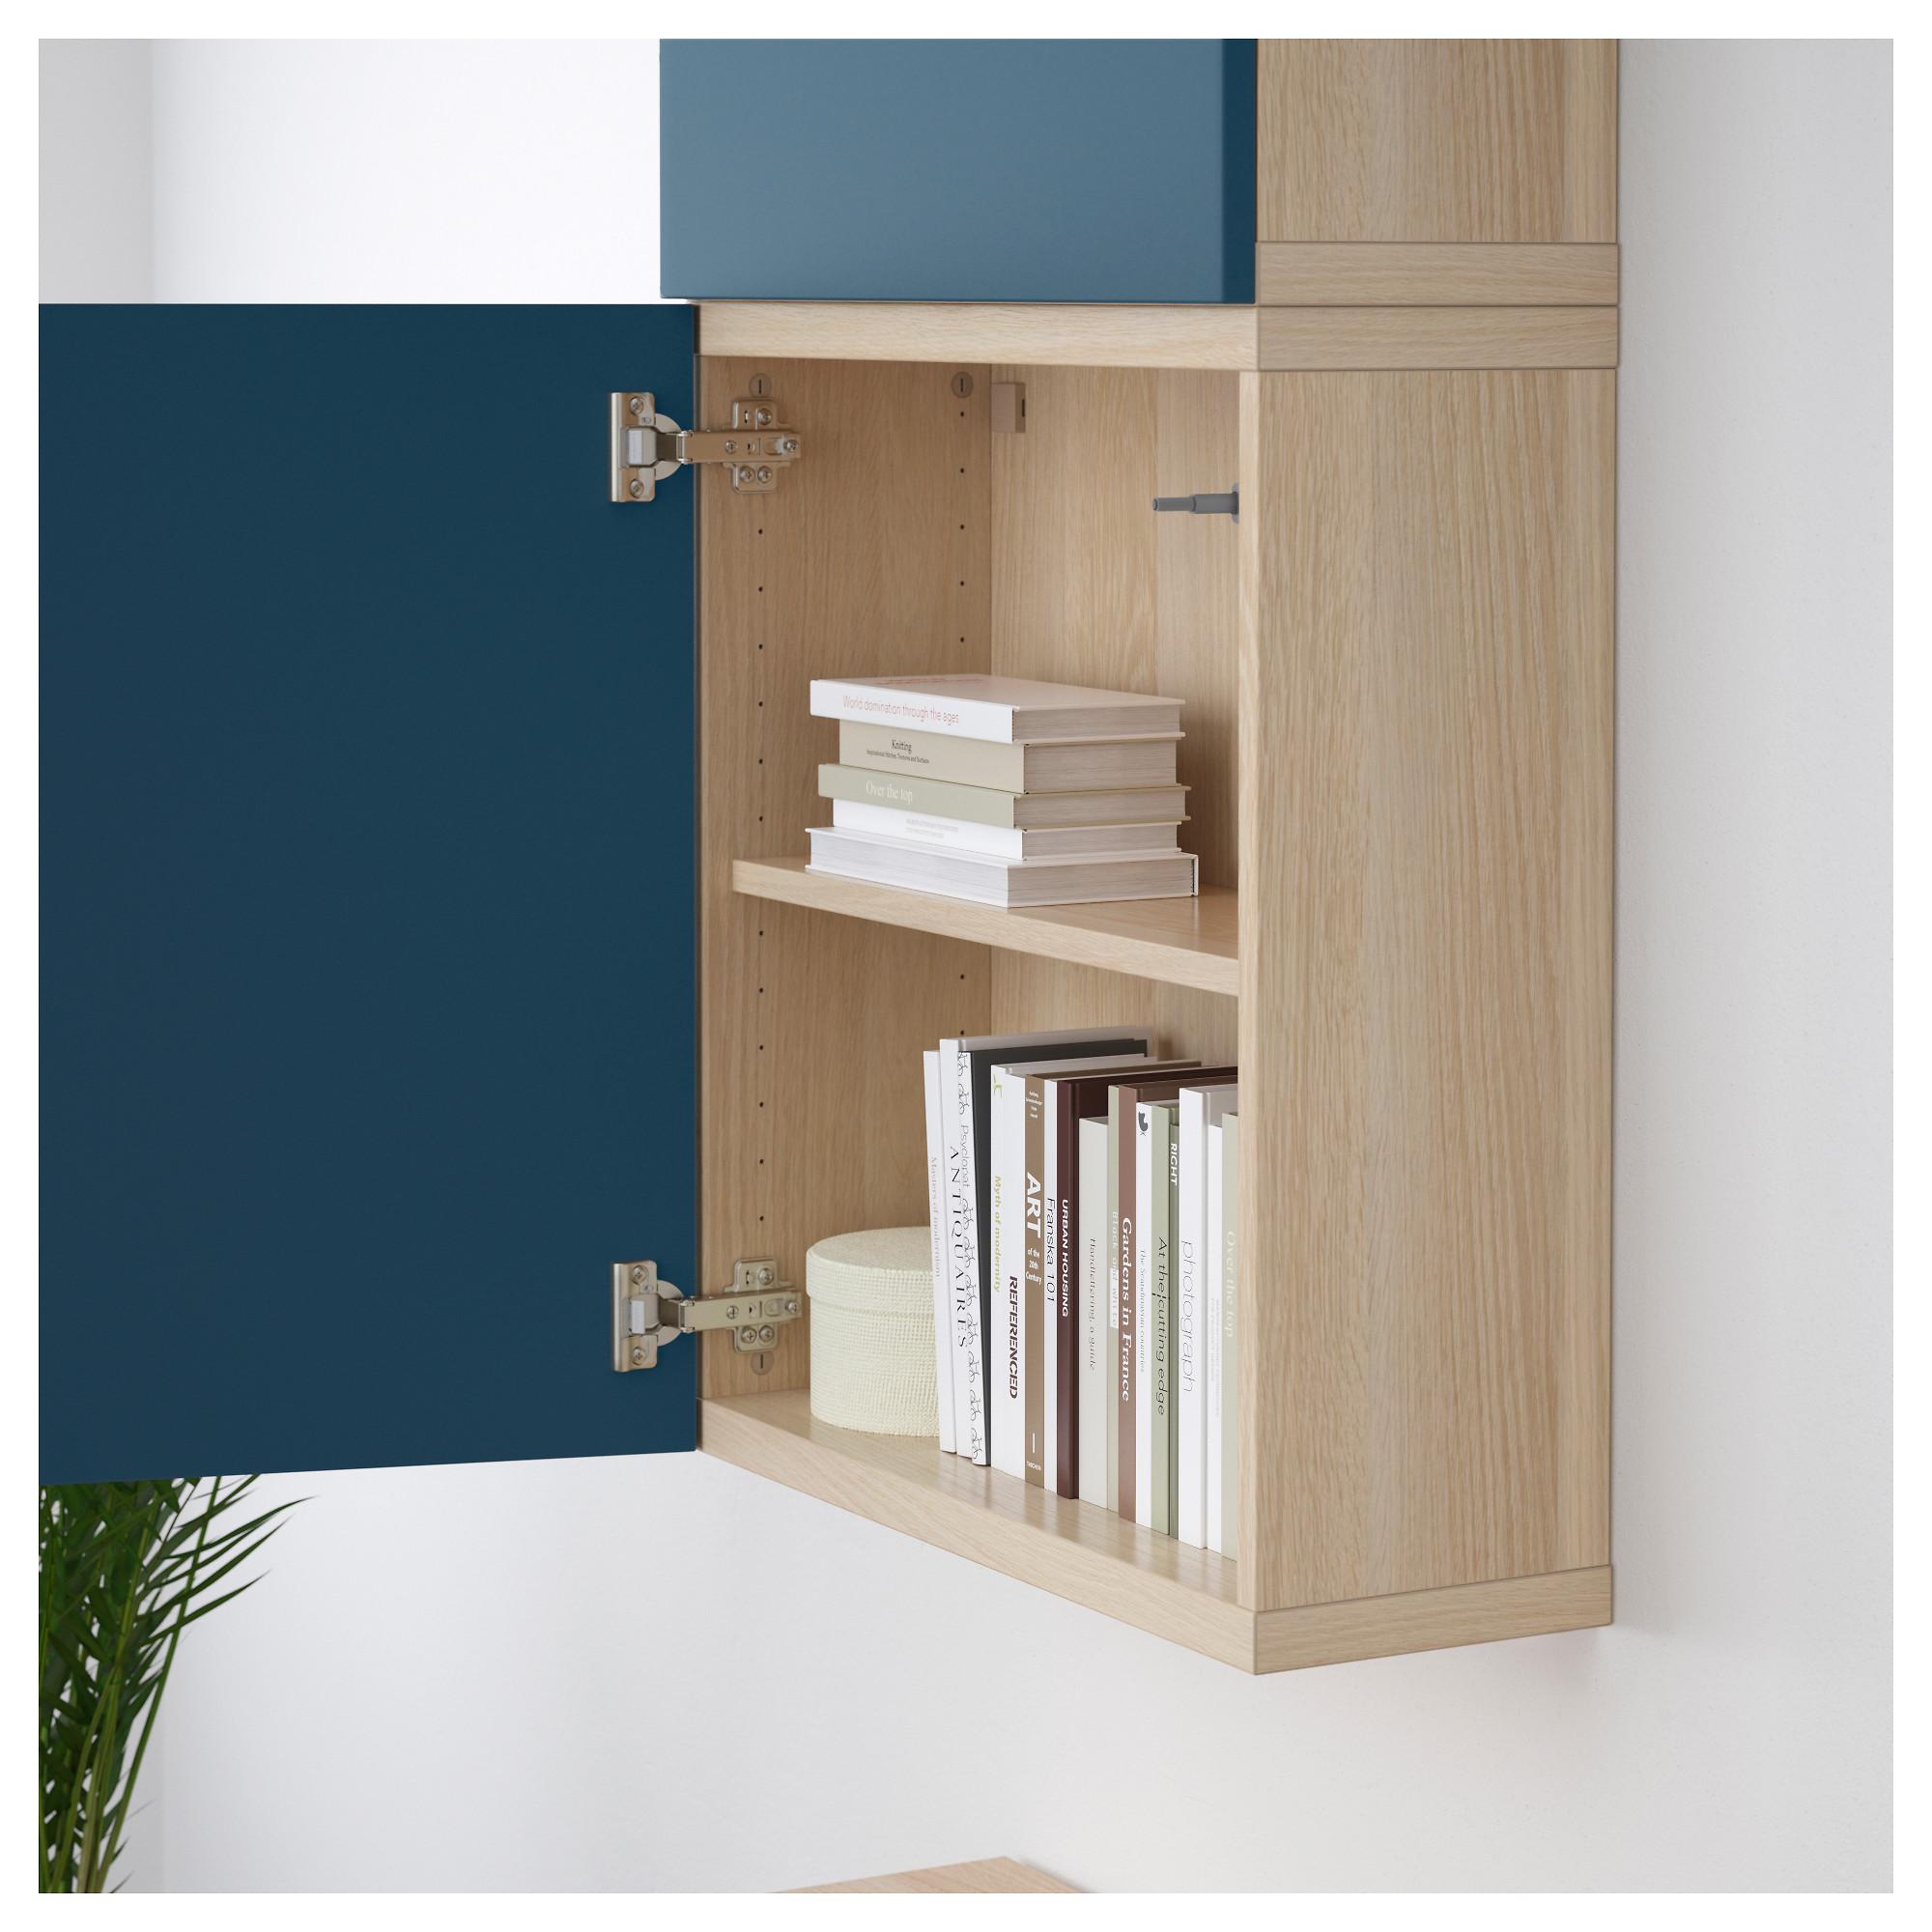 Навесной шкаф с 2 дверями БЕСТО темно-синий артикуль № 292.489.39 в наличии. Интернет сайт ИКЕА РБ. Недорогая доставка и соборка.